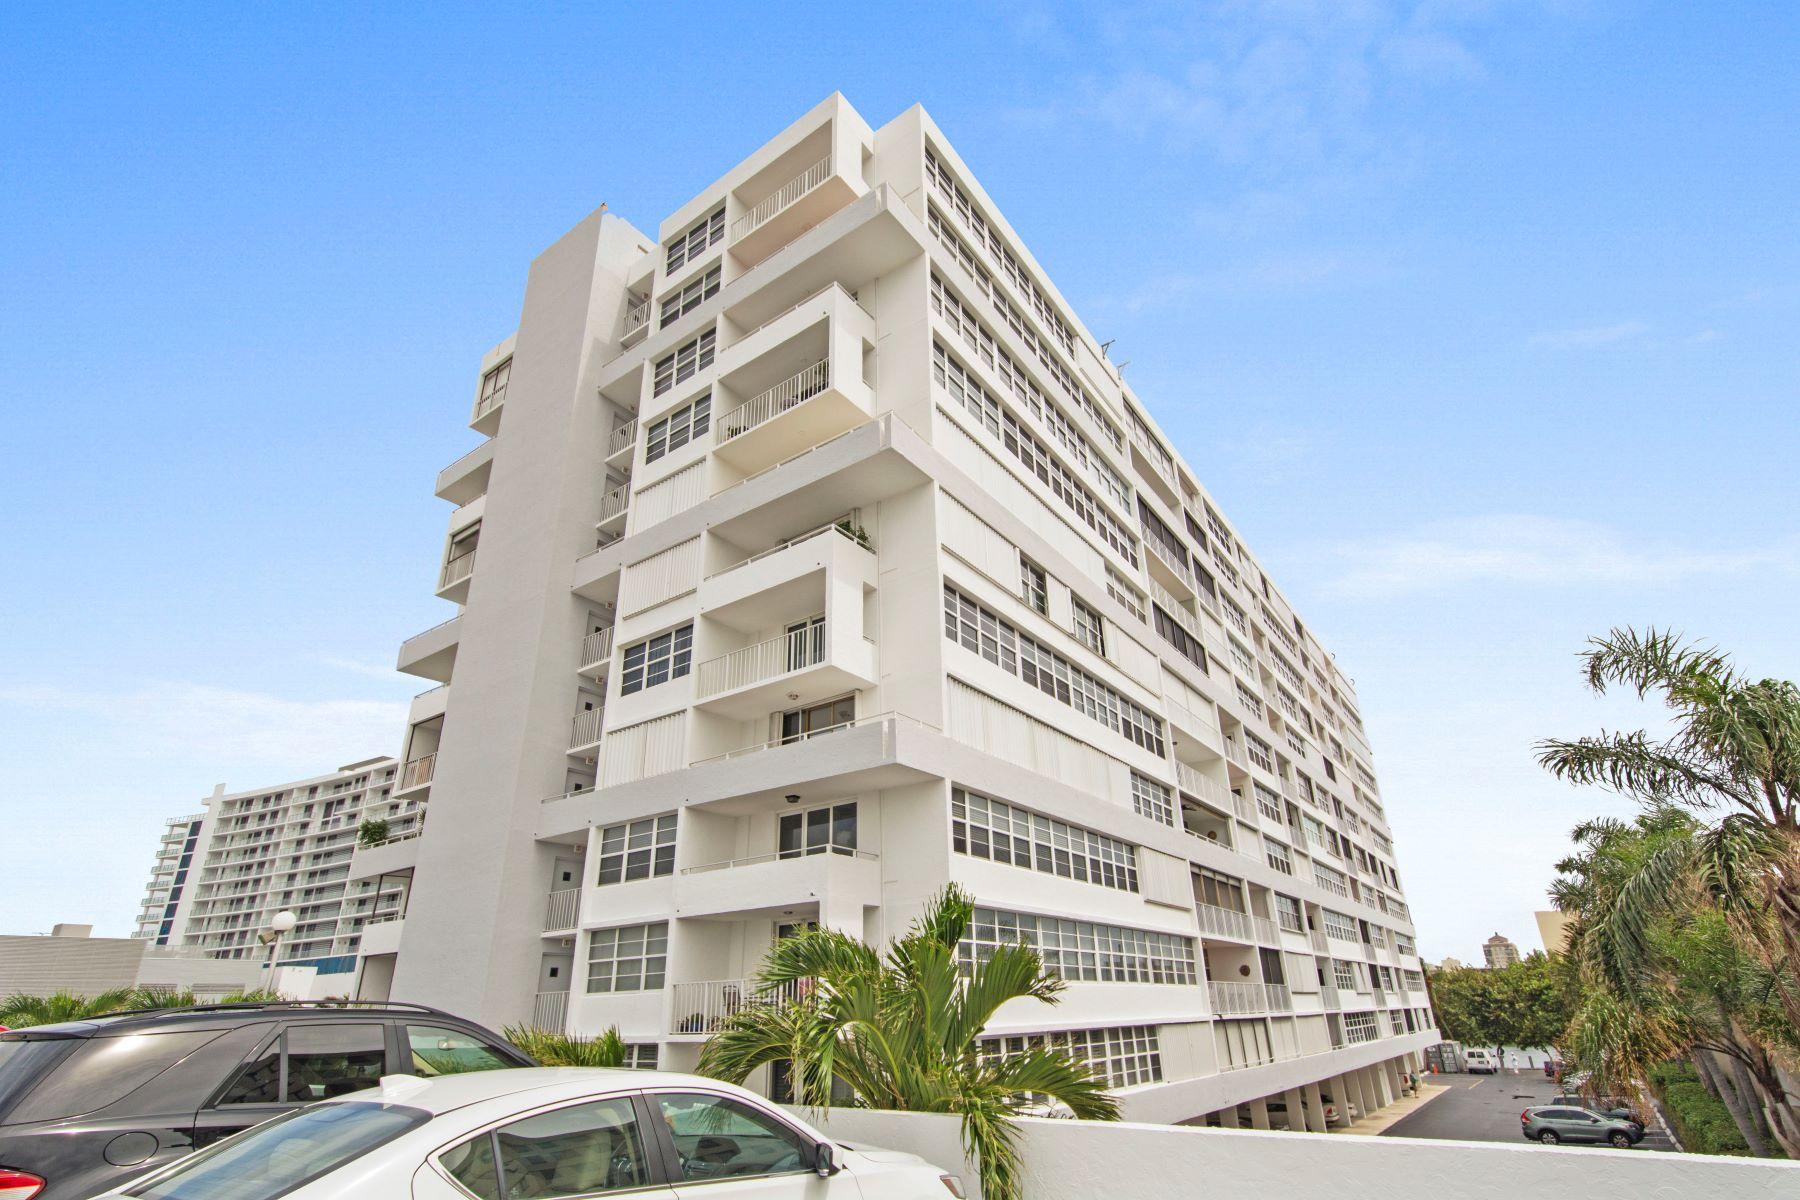 Appartement en copropriété pour l Vente à 1170 N Federal Hwy 1170 N Federal Hwy 201 Fort Lauderdale, Florida 33304 États-Unis